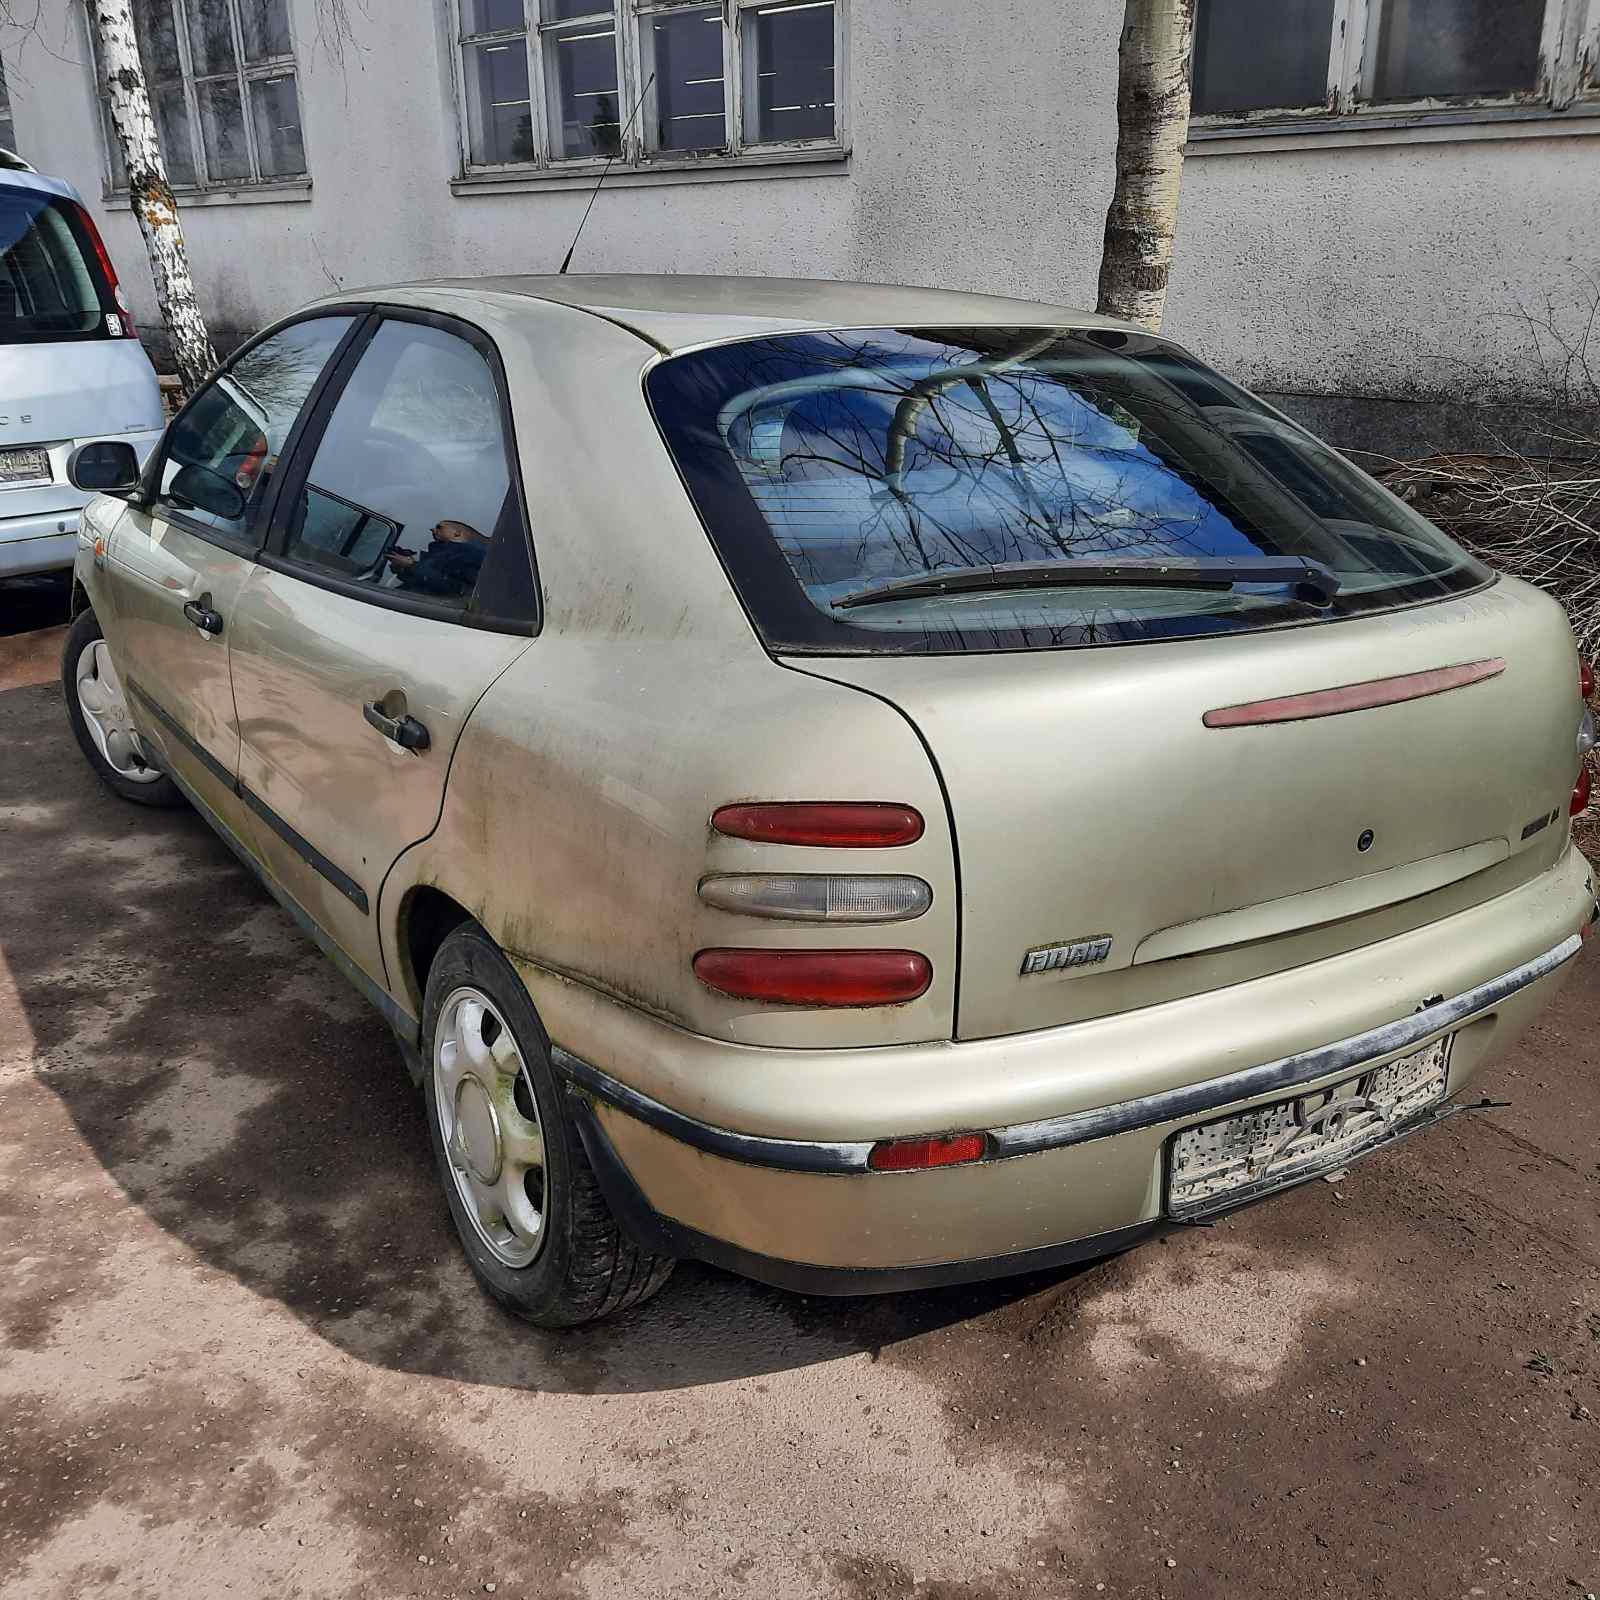 Подержанные Автозапчасти Foto 7 Fiat BRAVA 1996 1.9 машиностроение хэтчбэк 4/5 d. желтый 2021-4-07 A6134